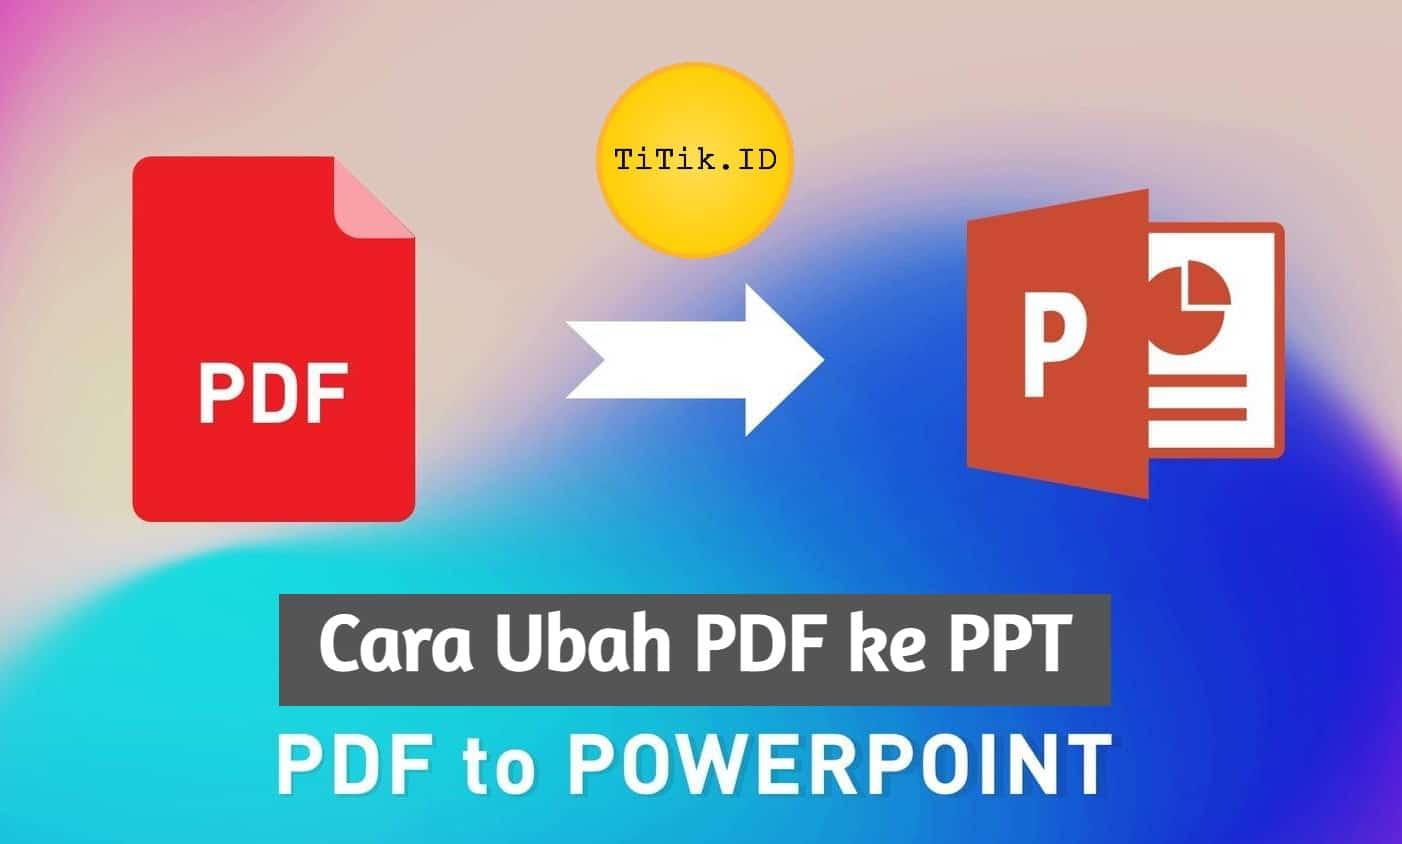 Cara Ubah PDF ke PPT